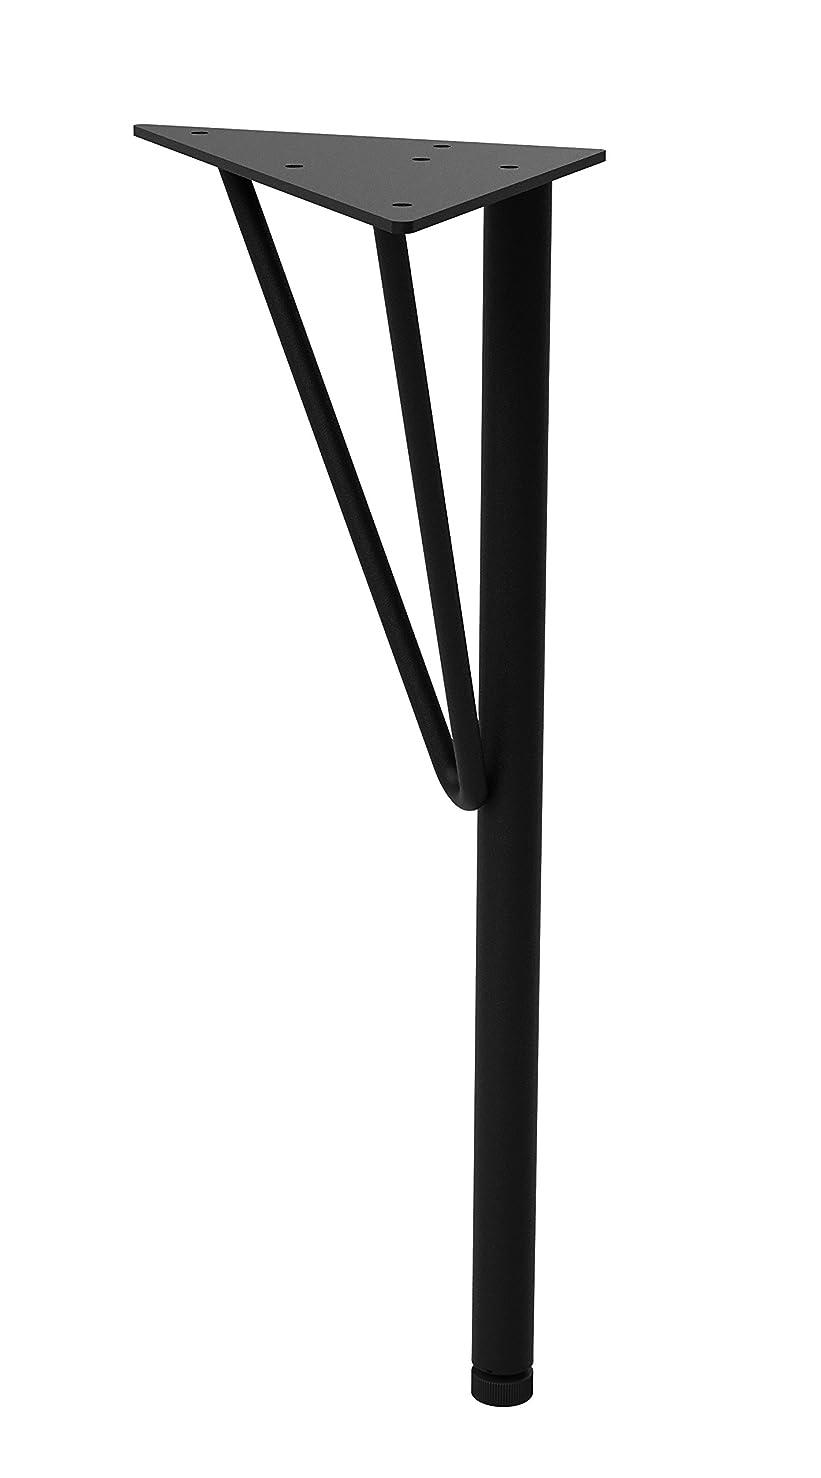 平安伸銅工業 LABRICO スチールテーブル脚 小 DIY TABLE LEG WTK-2 ブラック 高さ37.5cm